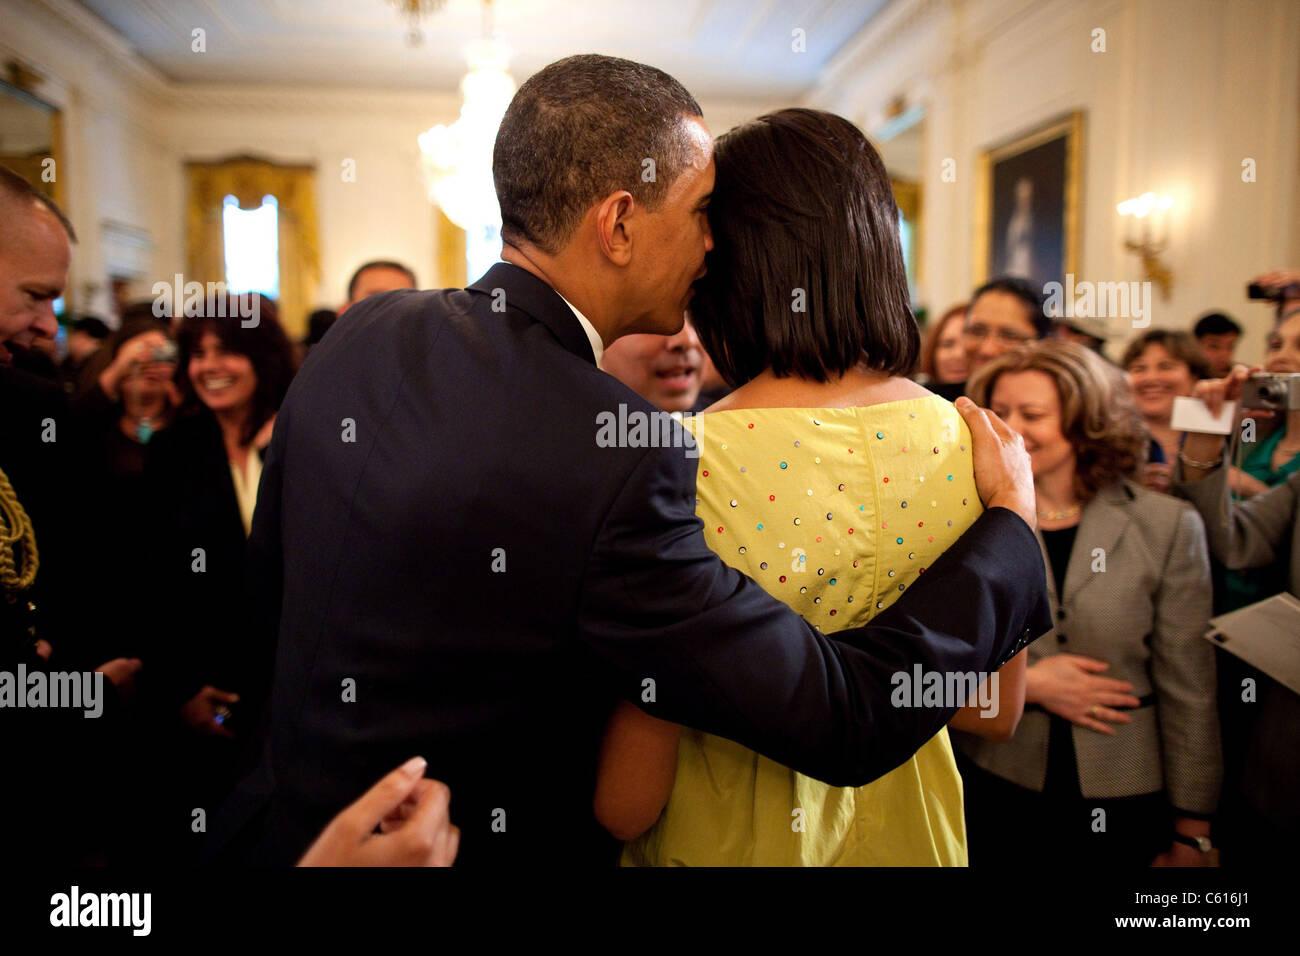 Le président Obama des chuchotements dans l'oreille de Michelle pendant la Maison Blanche célébration Photo Stock